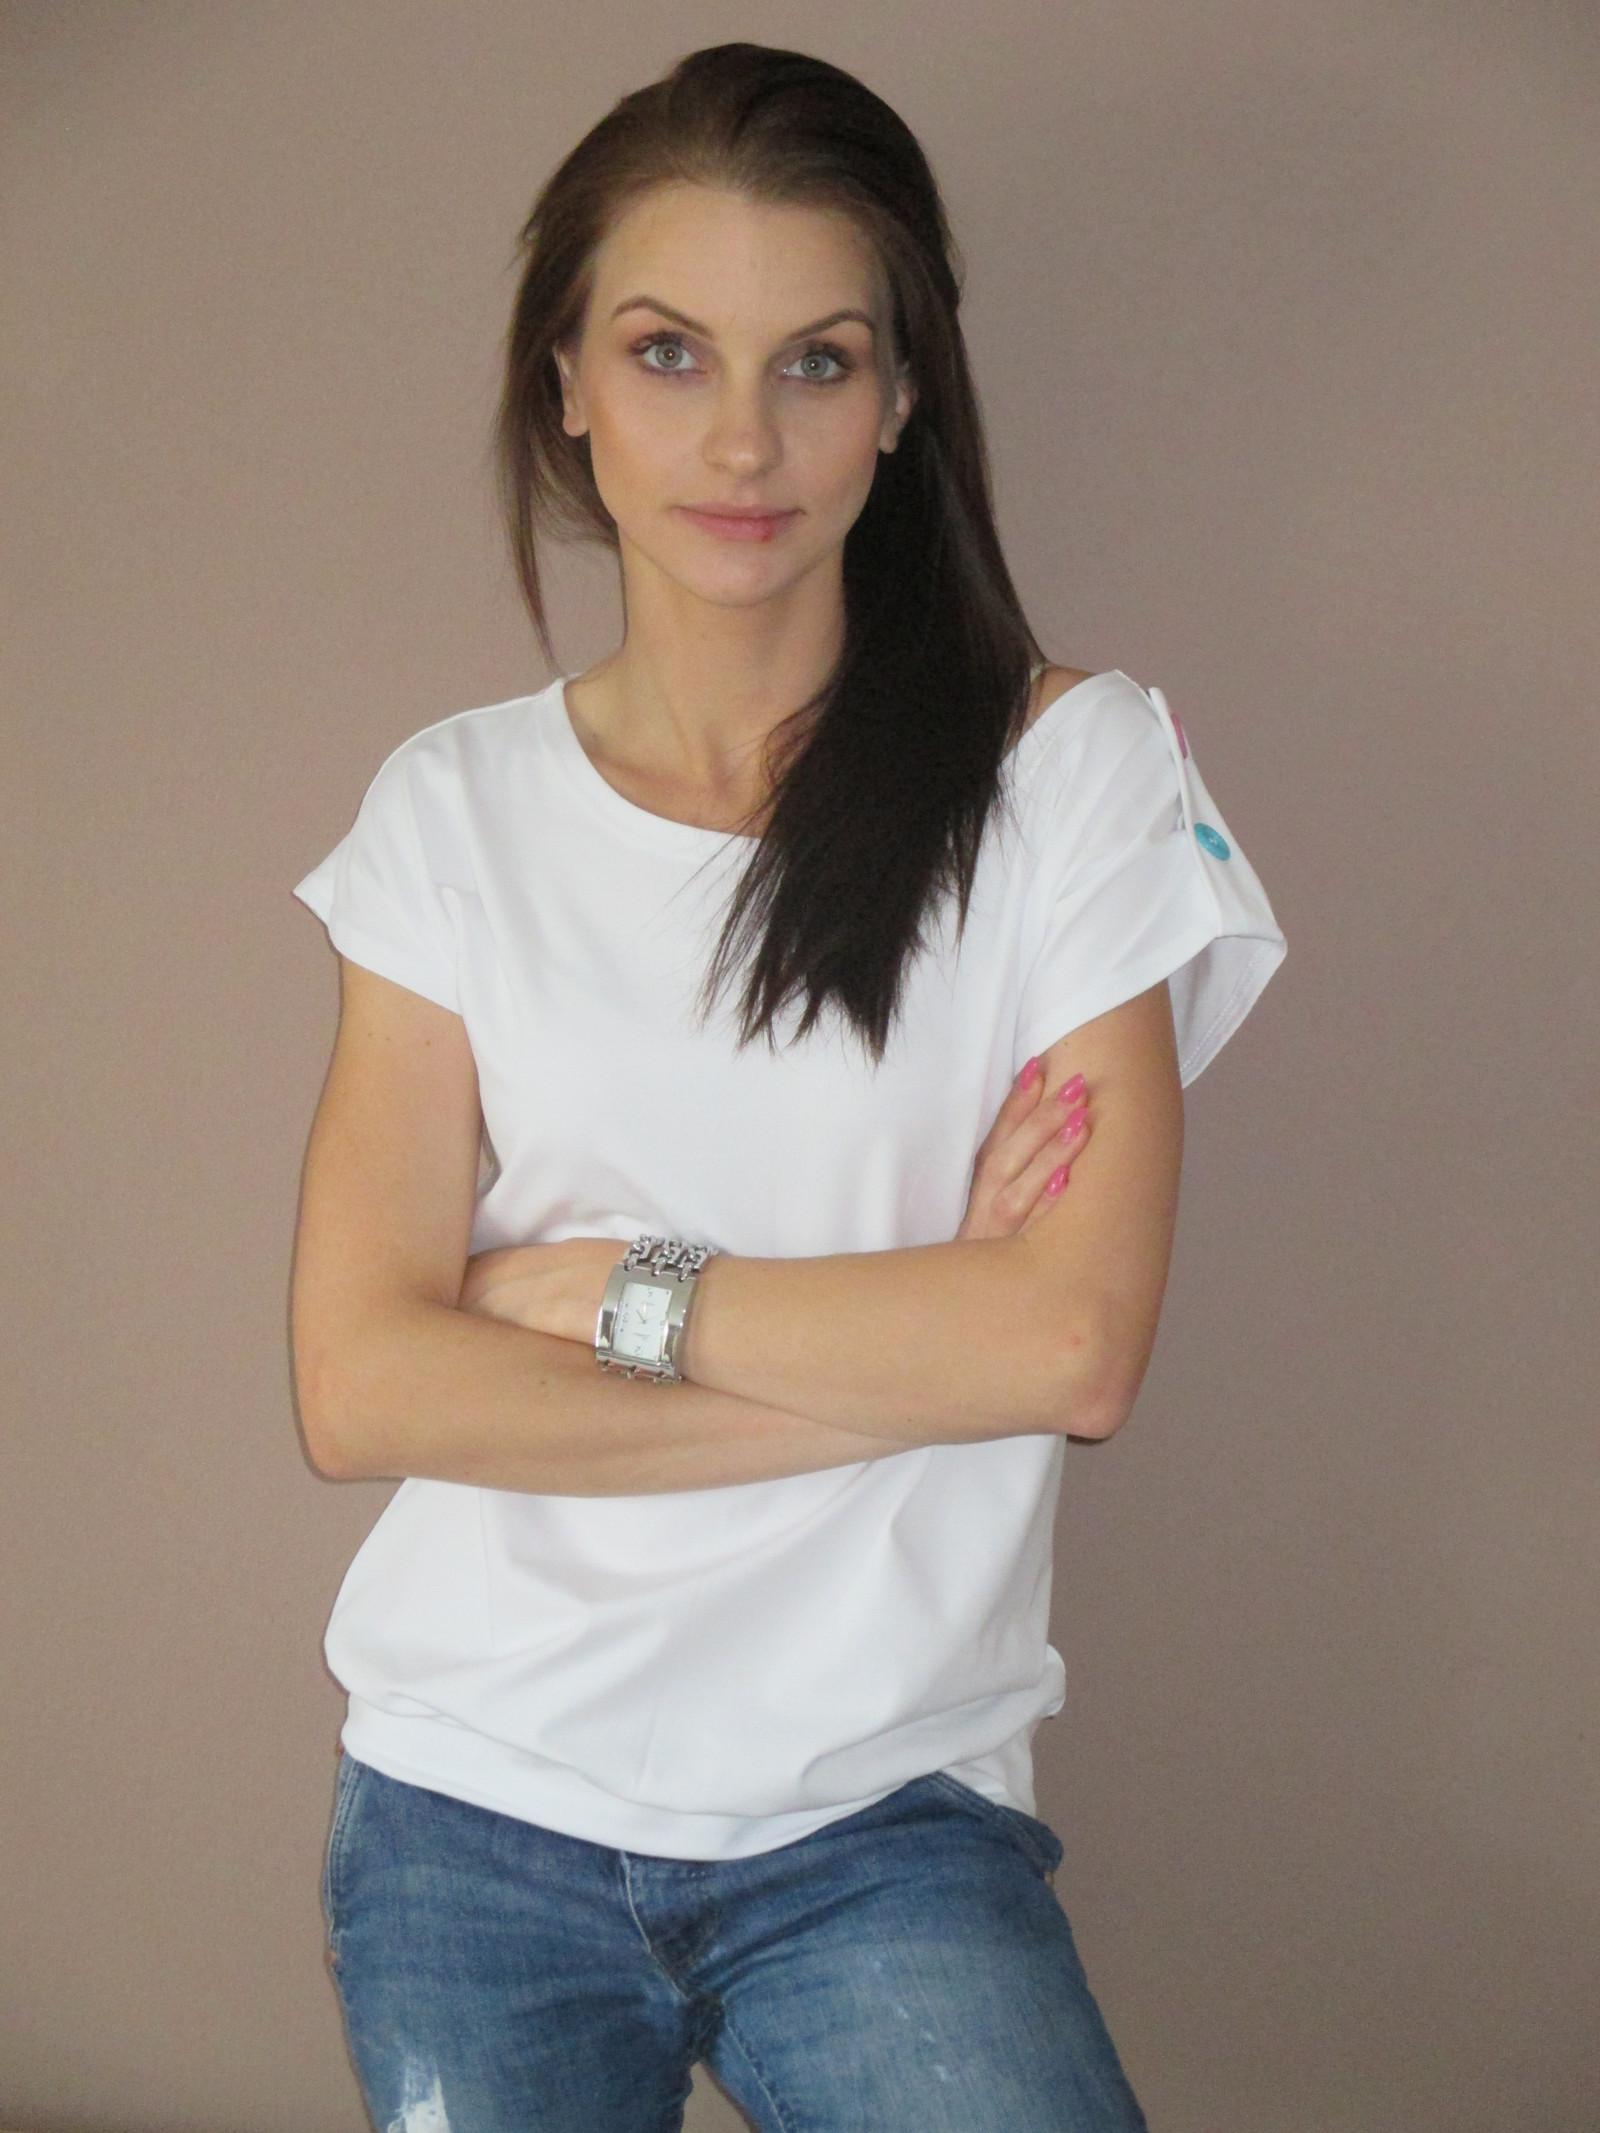 dámské volné triko - různé barvičky   Zboží prodejce lenula67  df924845ba